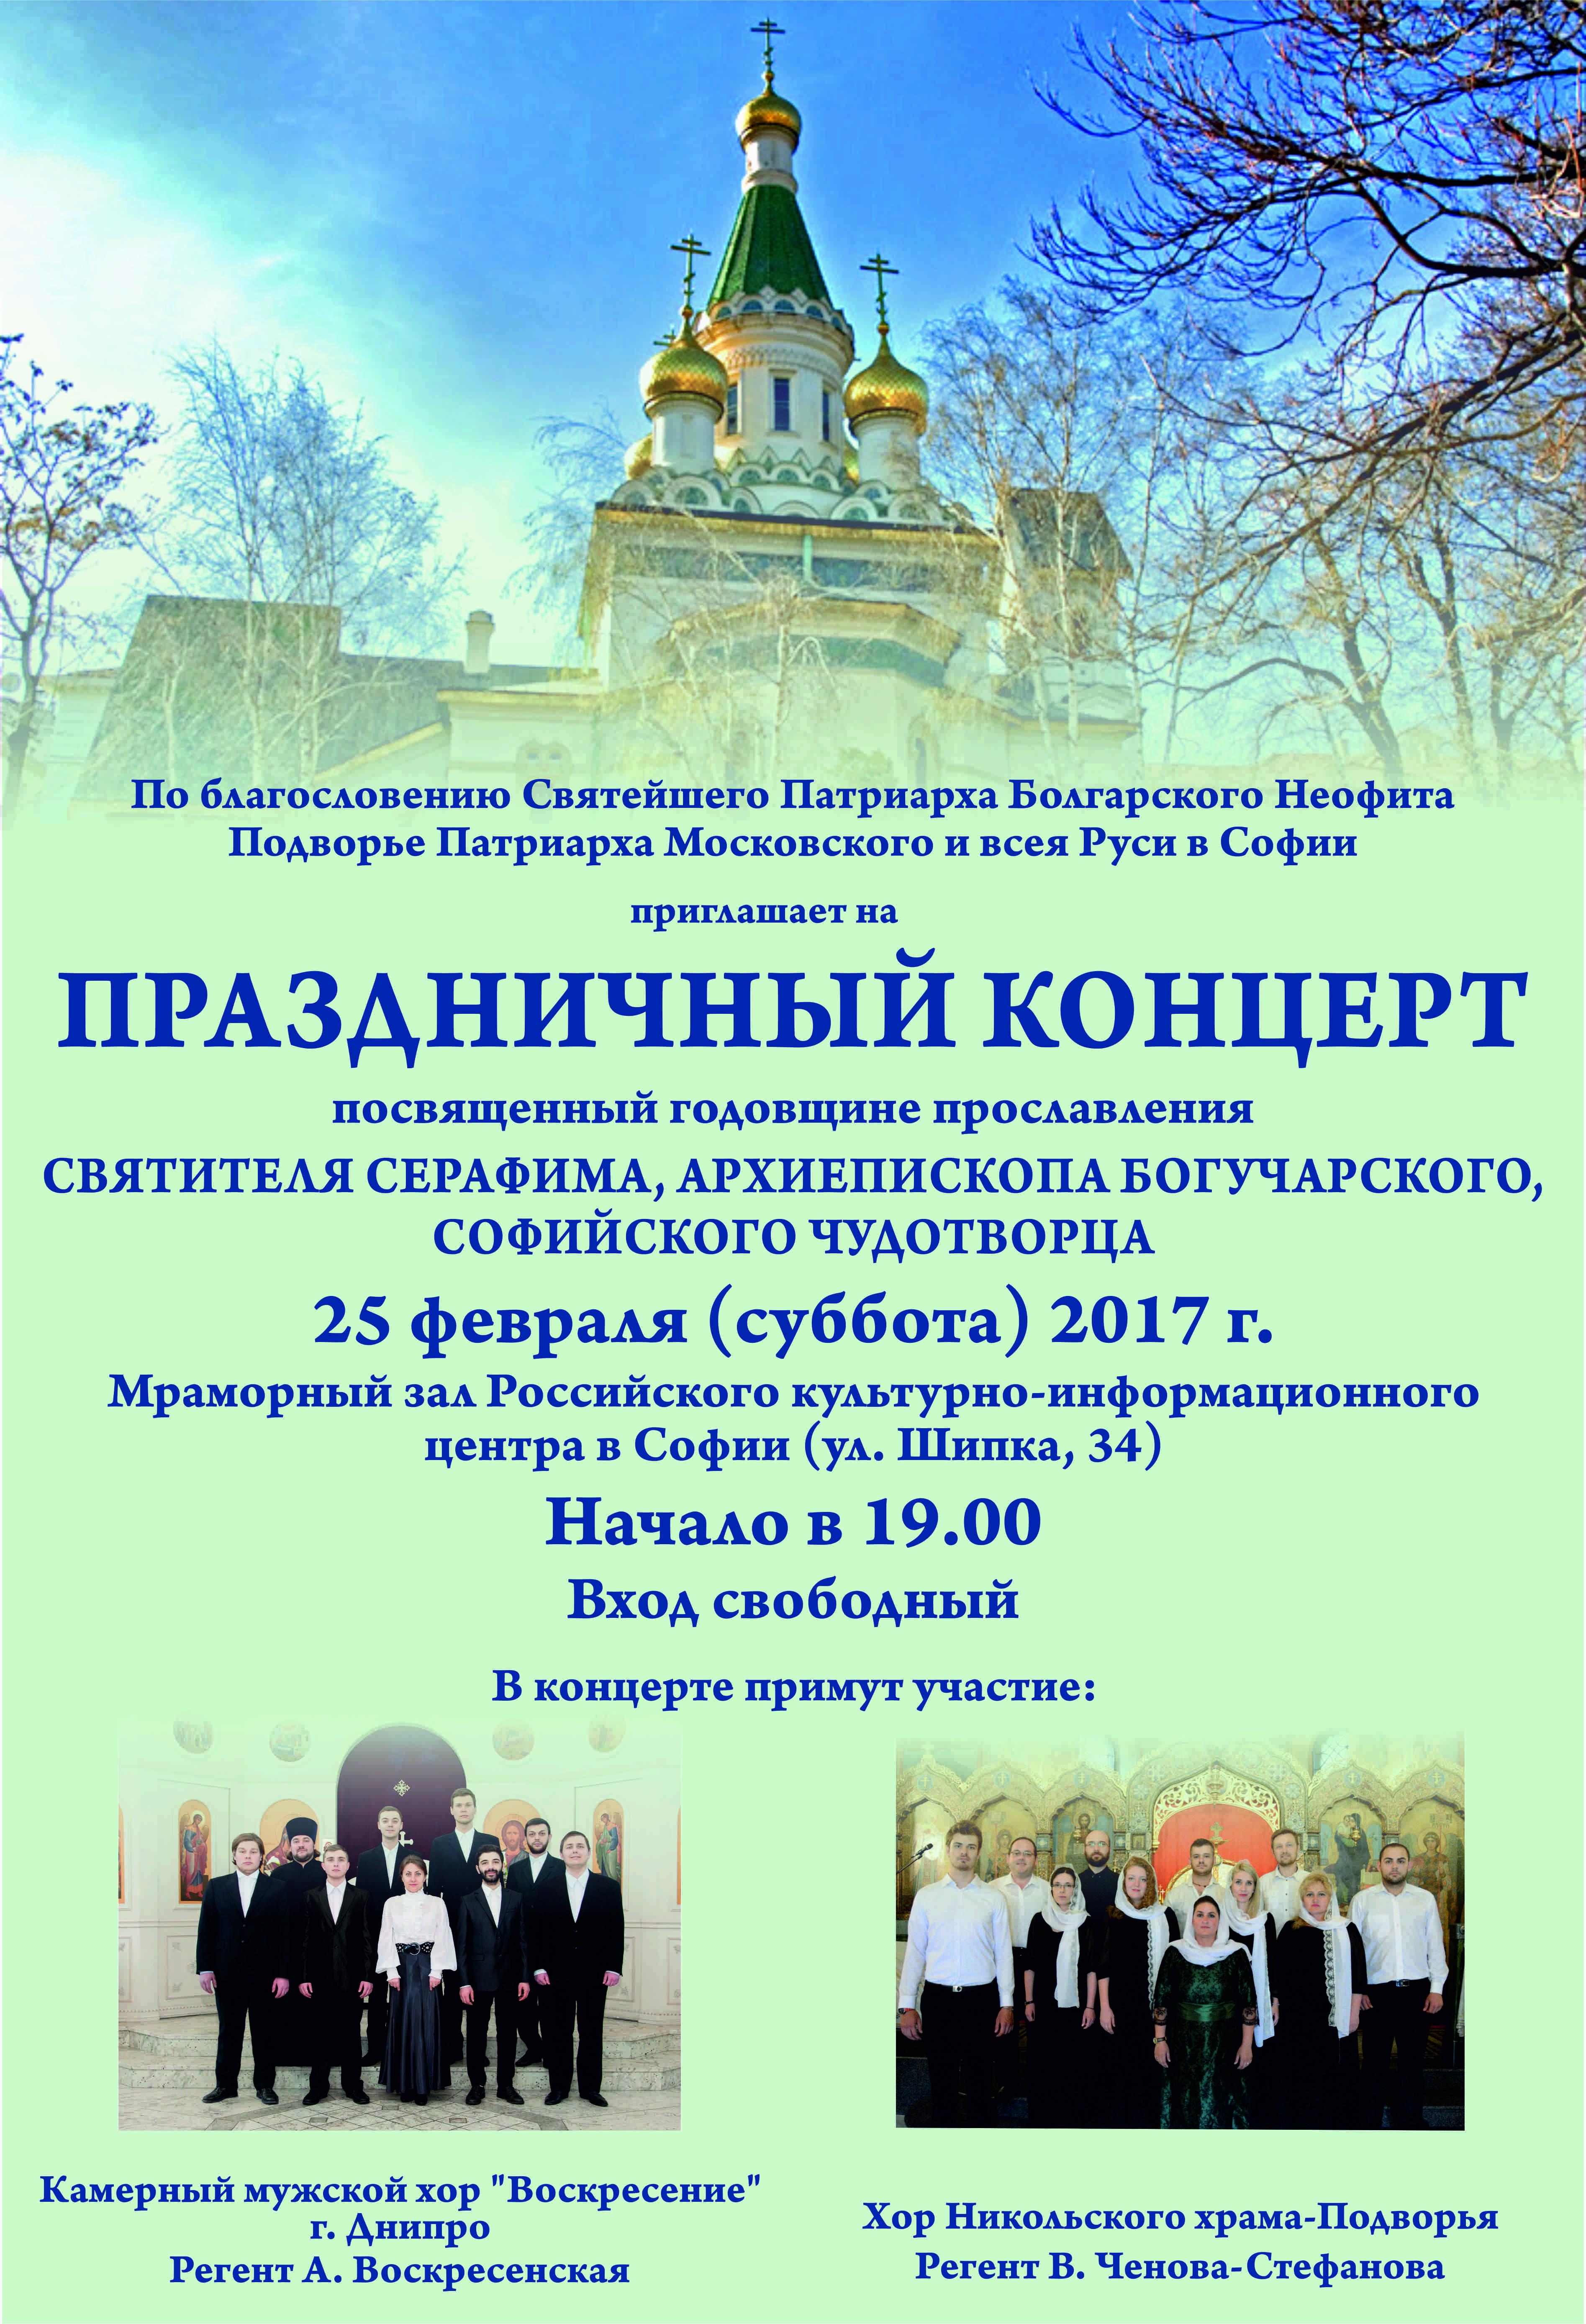 Afish_koncert_ru (1)